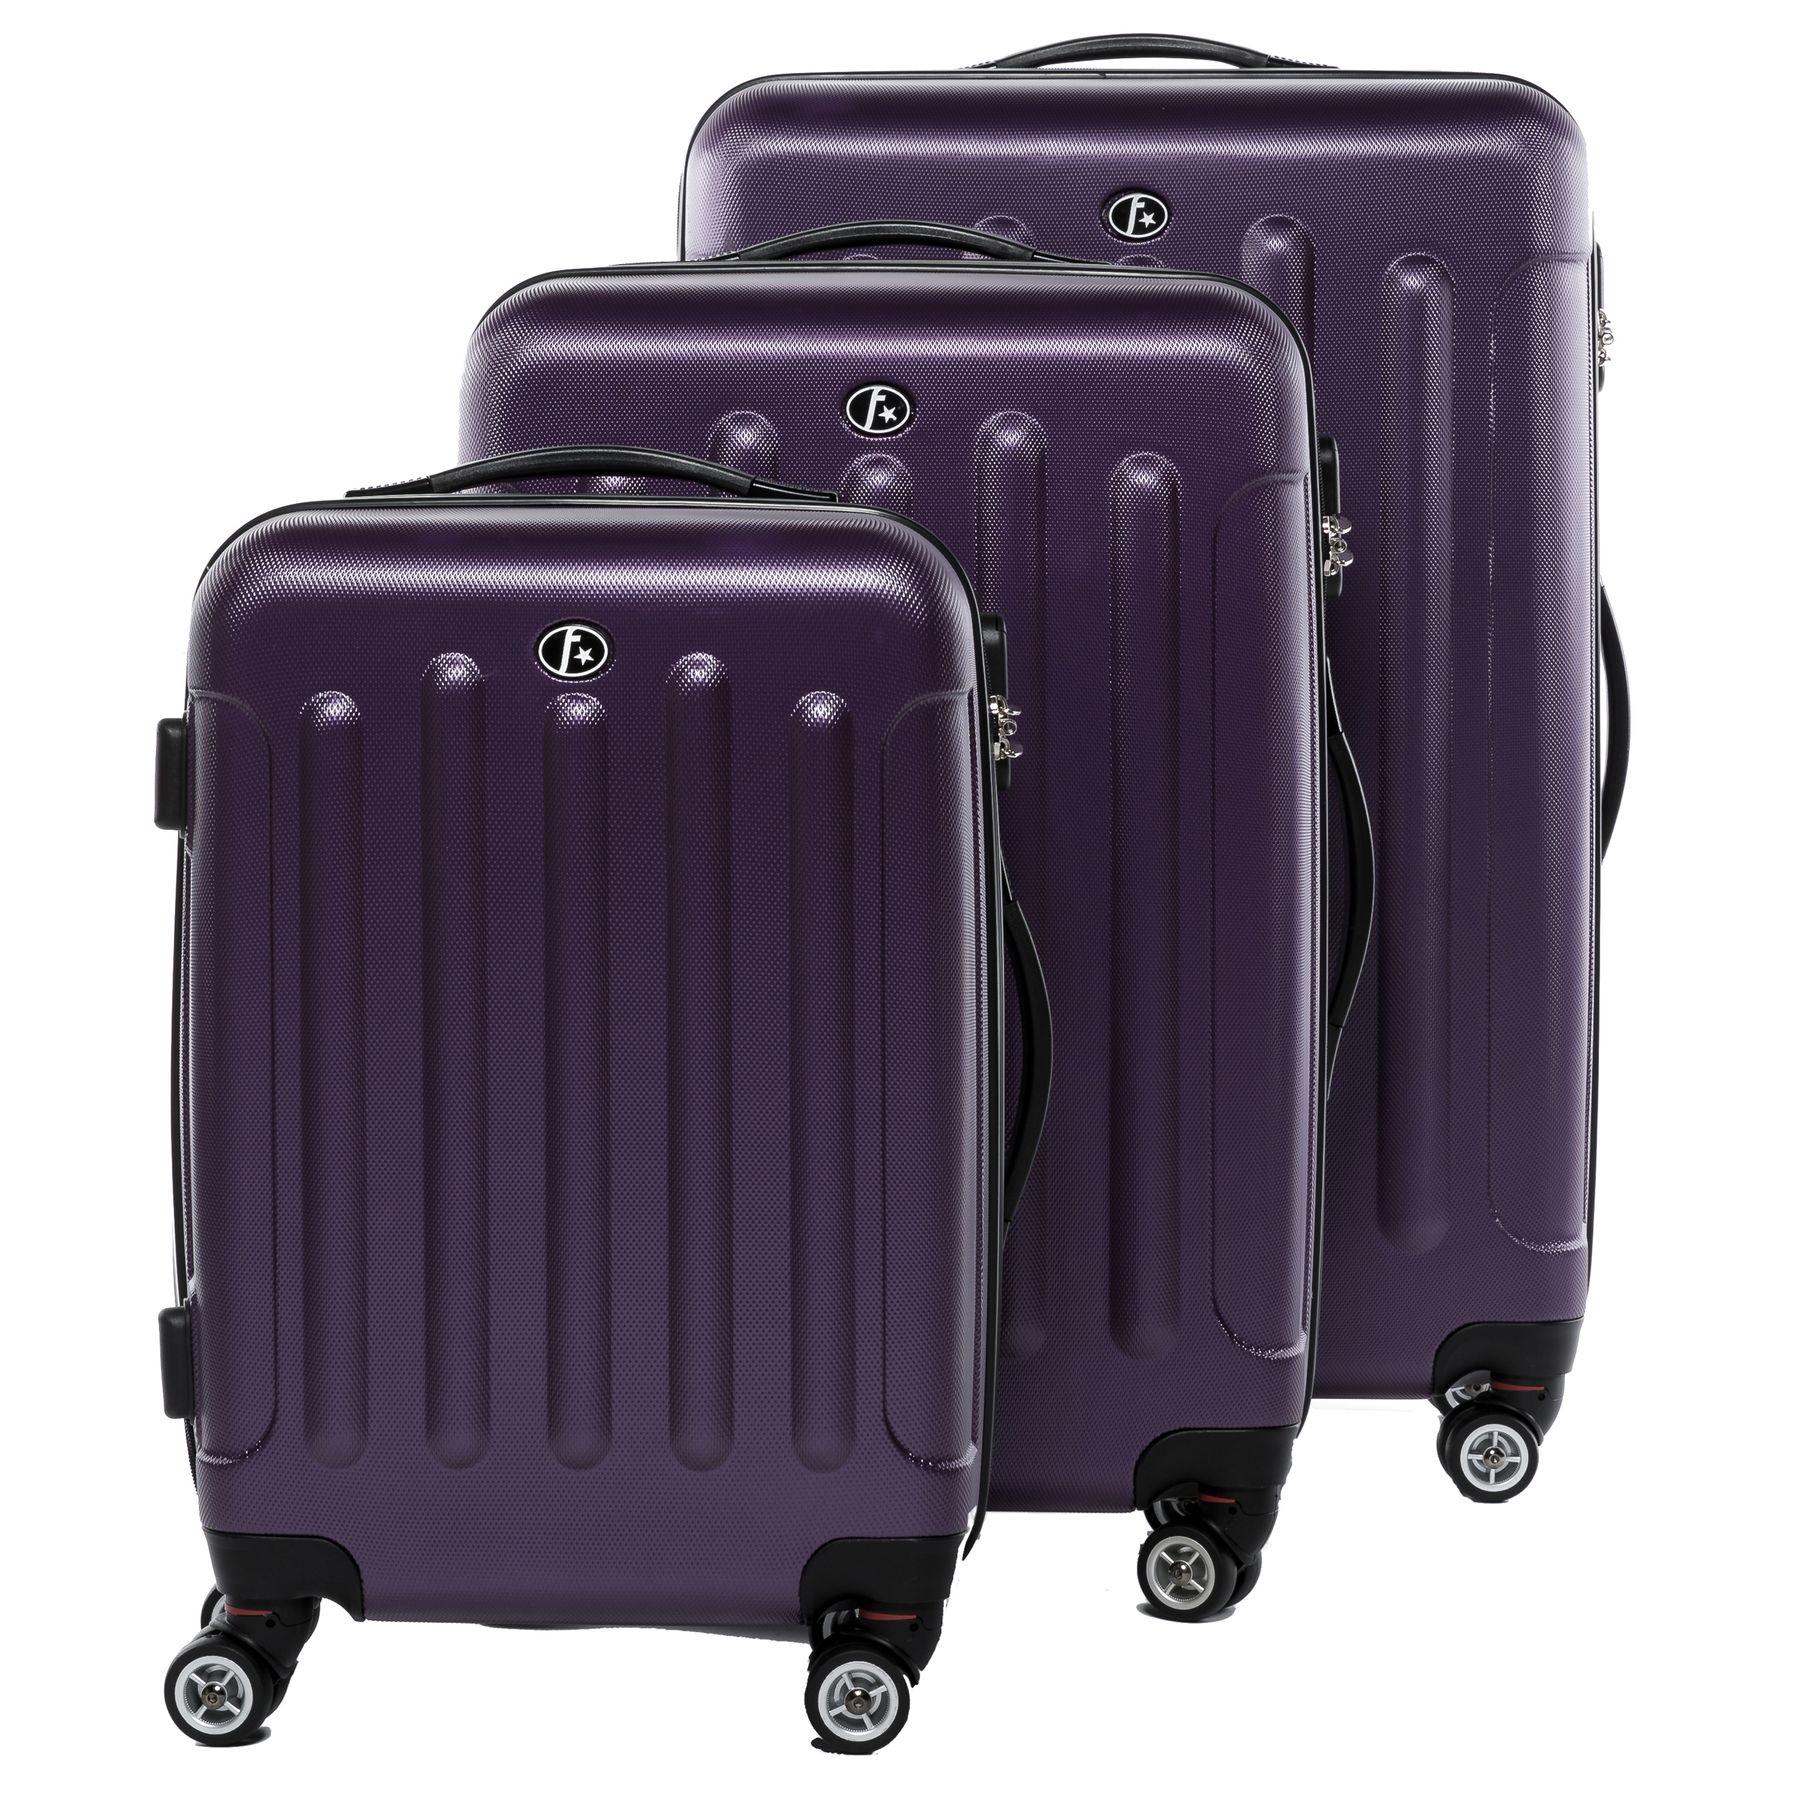 ferg set 3 valises voyage rigide l ger abs violet ensemble de bagages trois pc 4 roues trolley. Black Bedroom Furniture Sets. Home Design Ideas